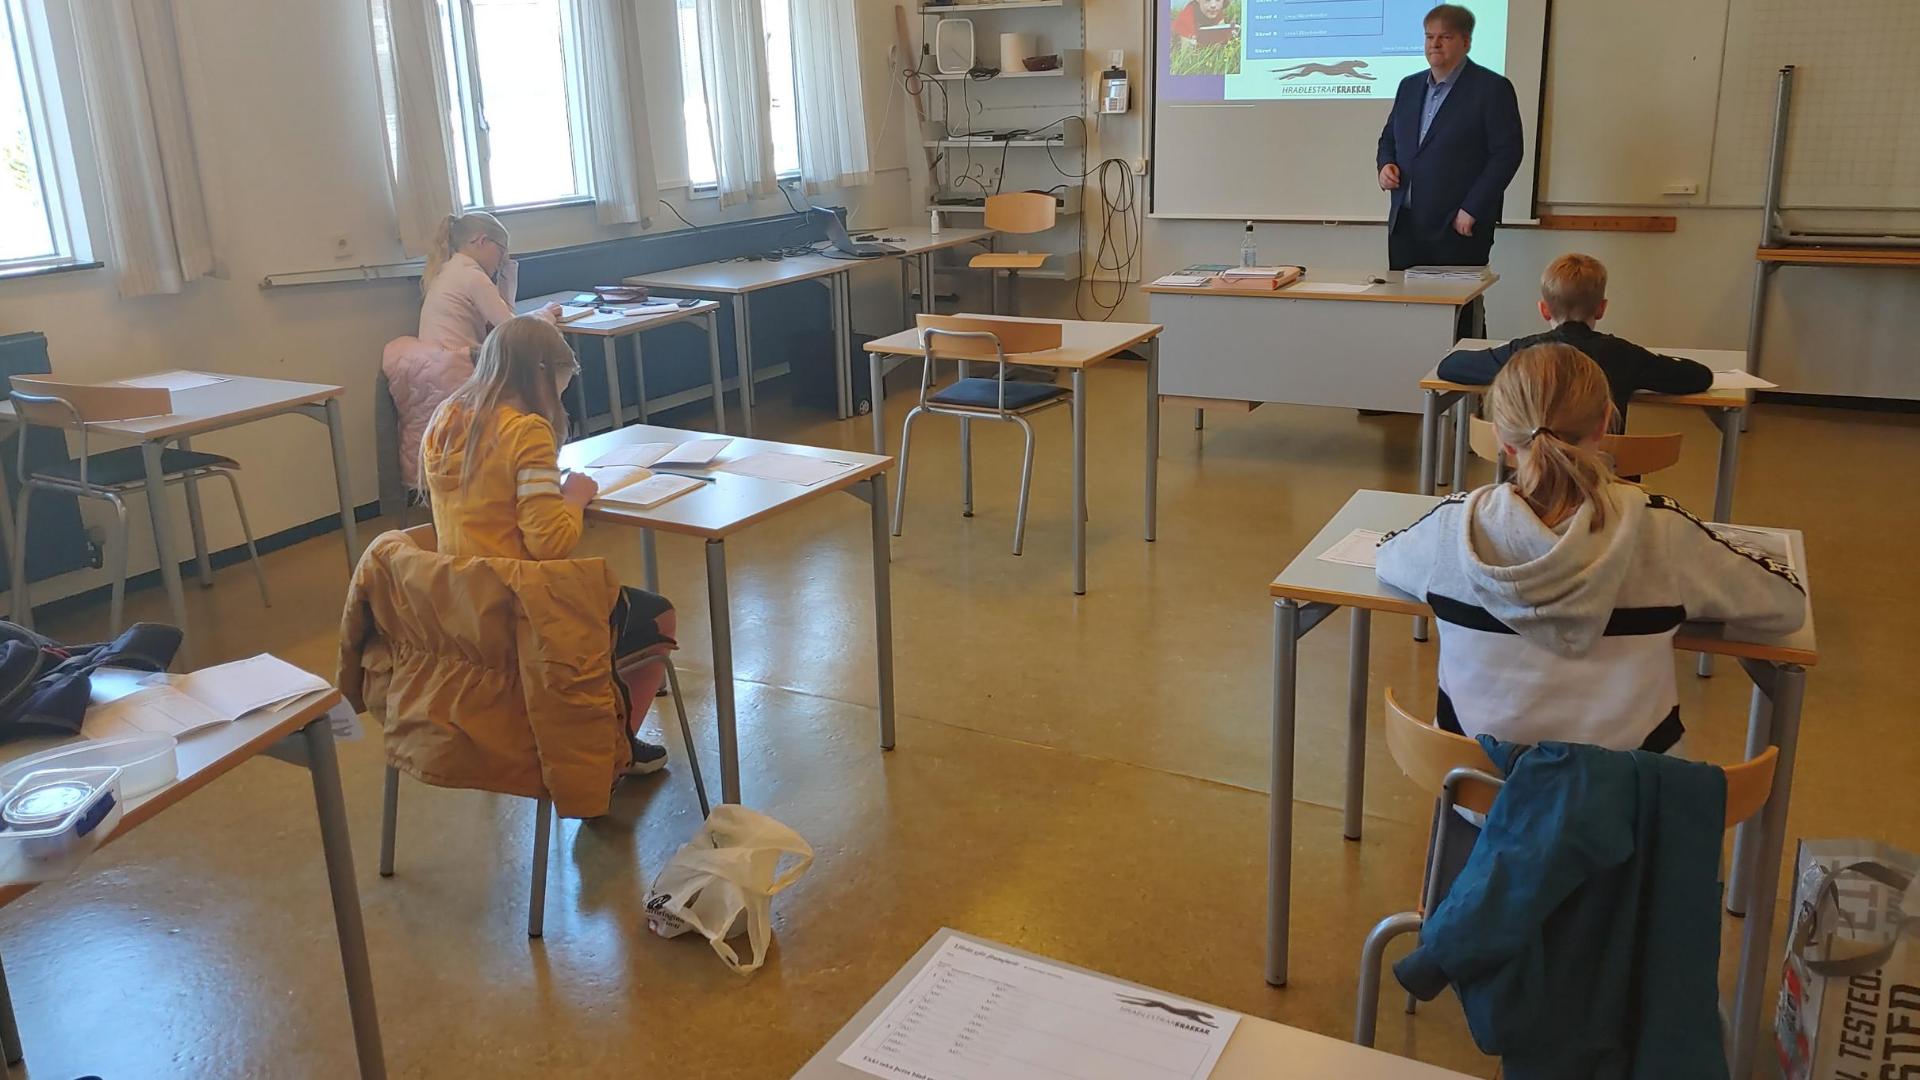 Hraðlestrarkrakkar á námskeiði - á Covid19 tímum - 2020